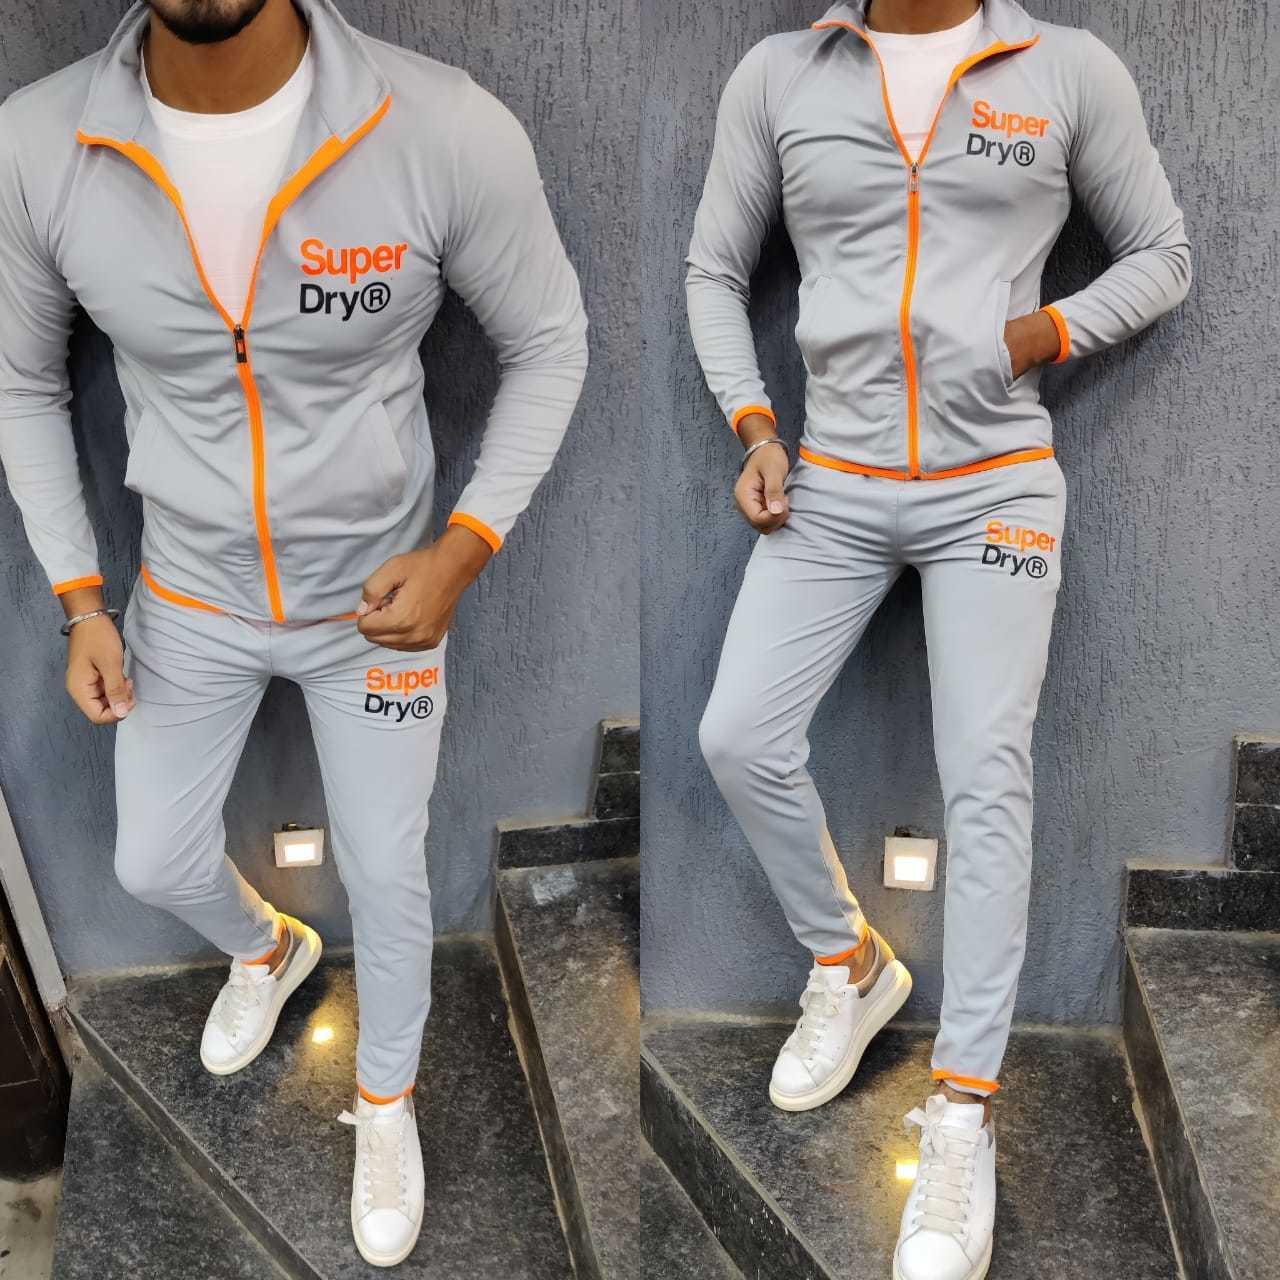 Sperdry Sports Wear Set